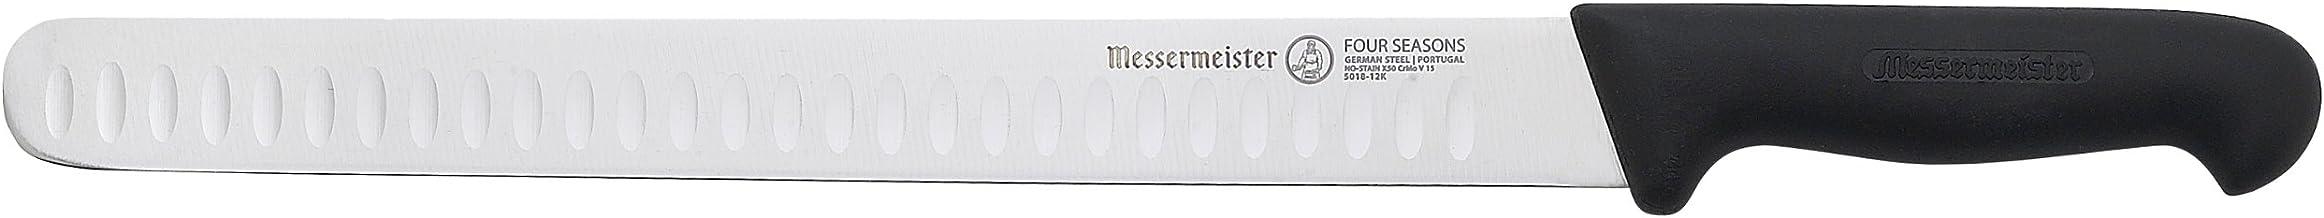 Messermeister Four Seasons Kullenschliff Round Tip Slicer, 12-Inch